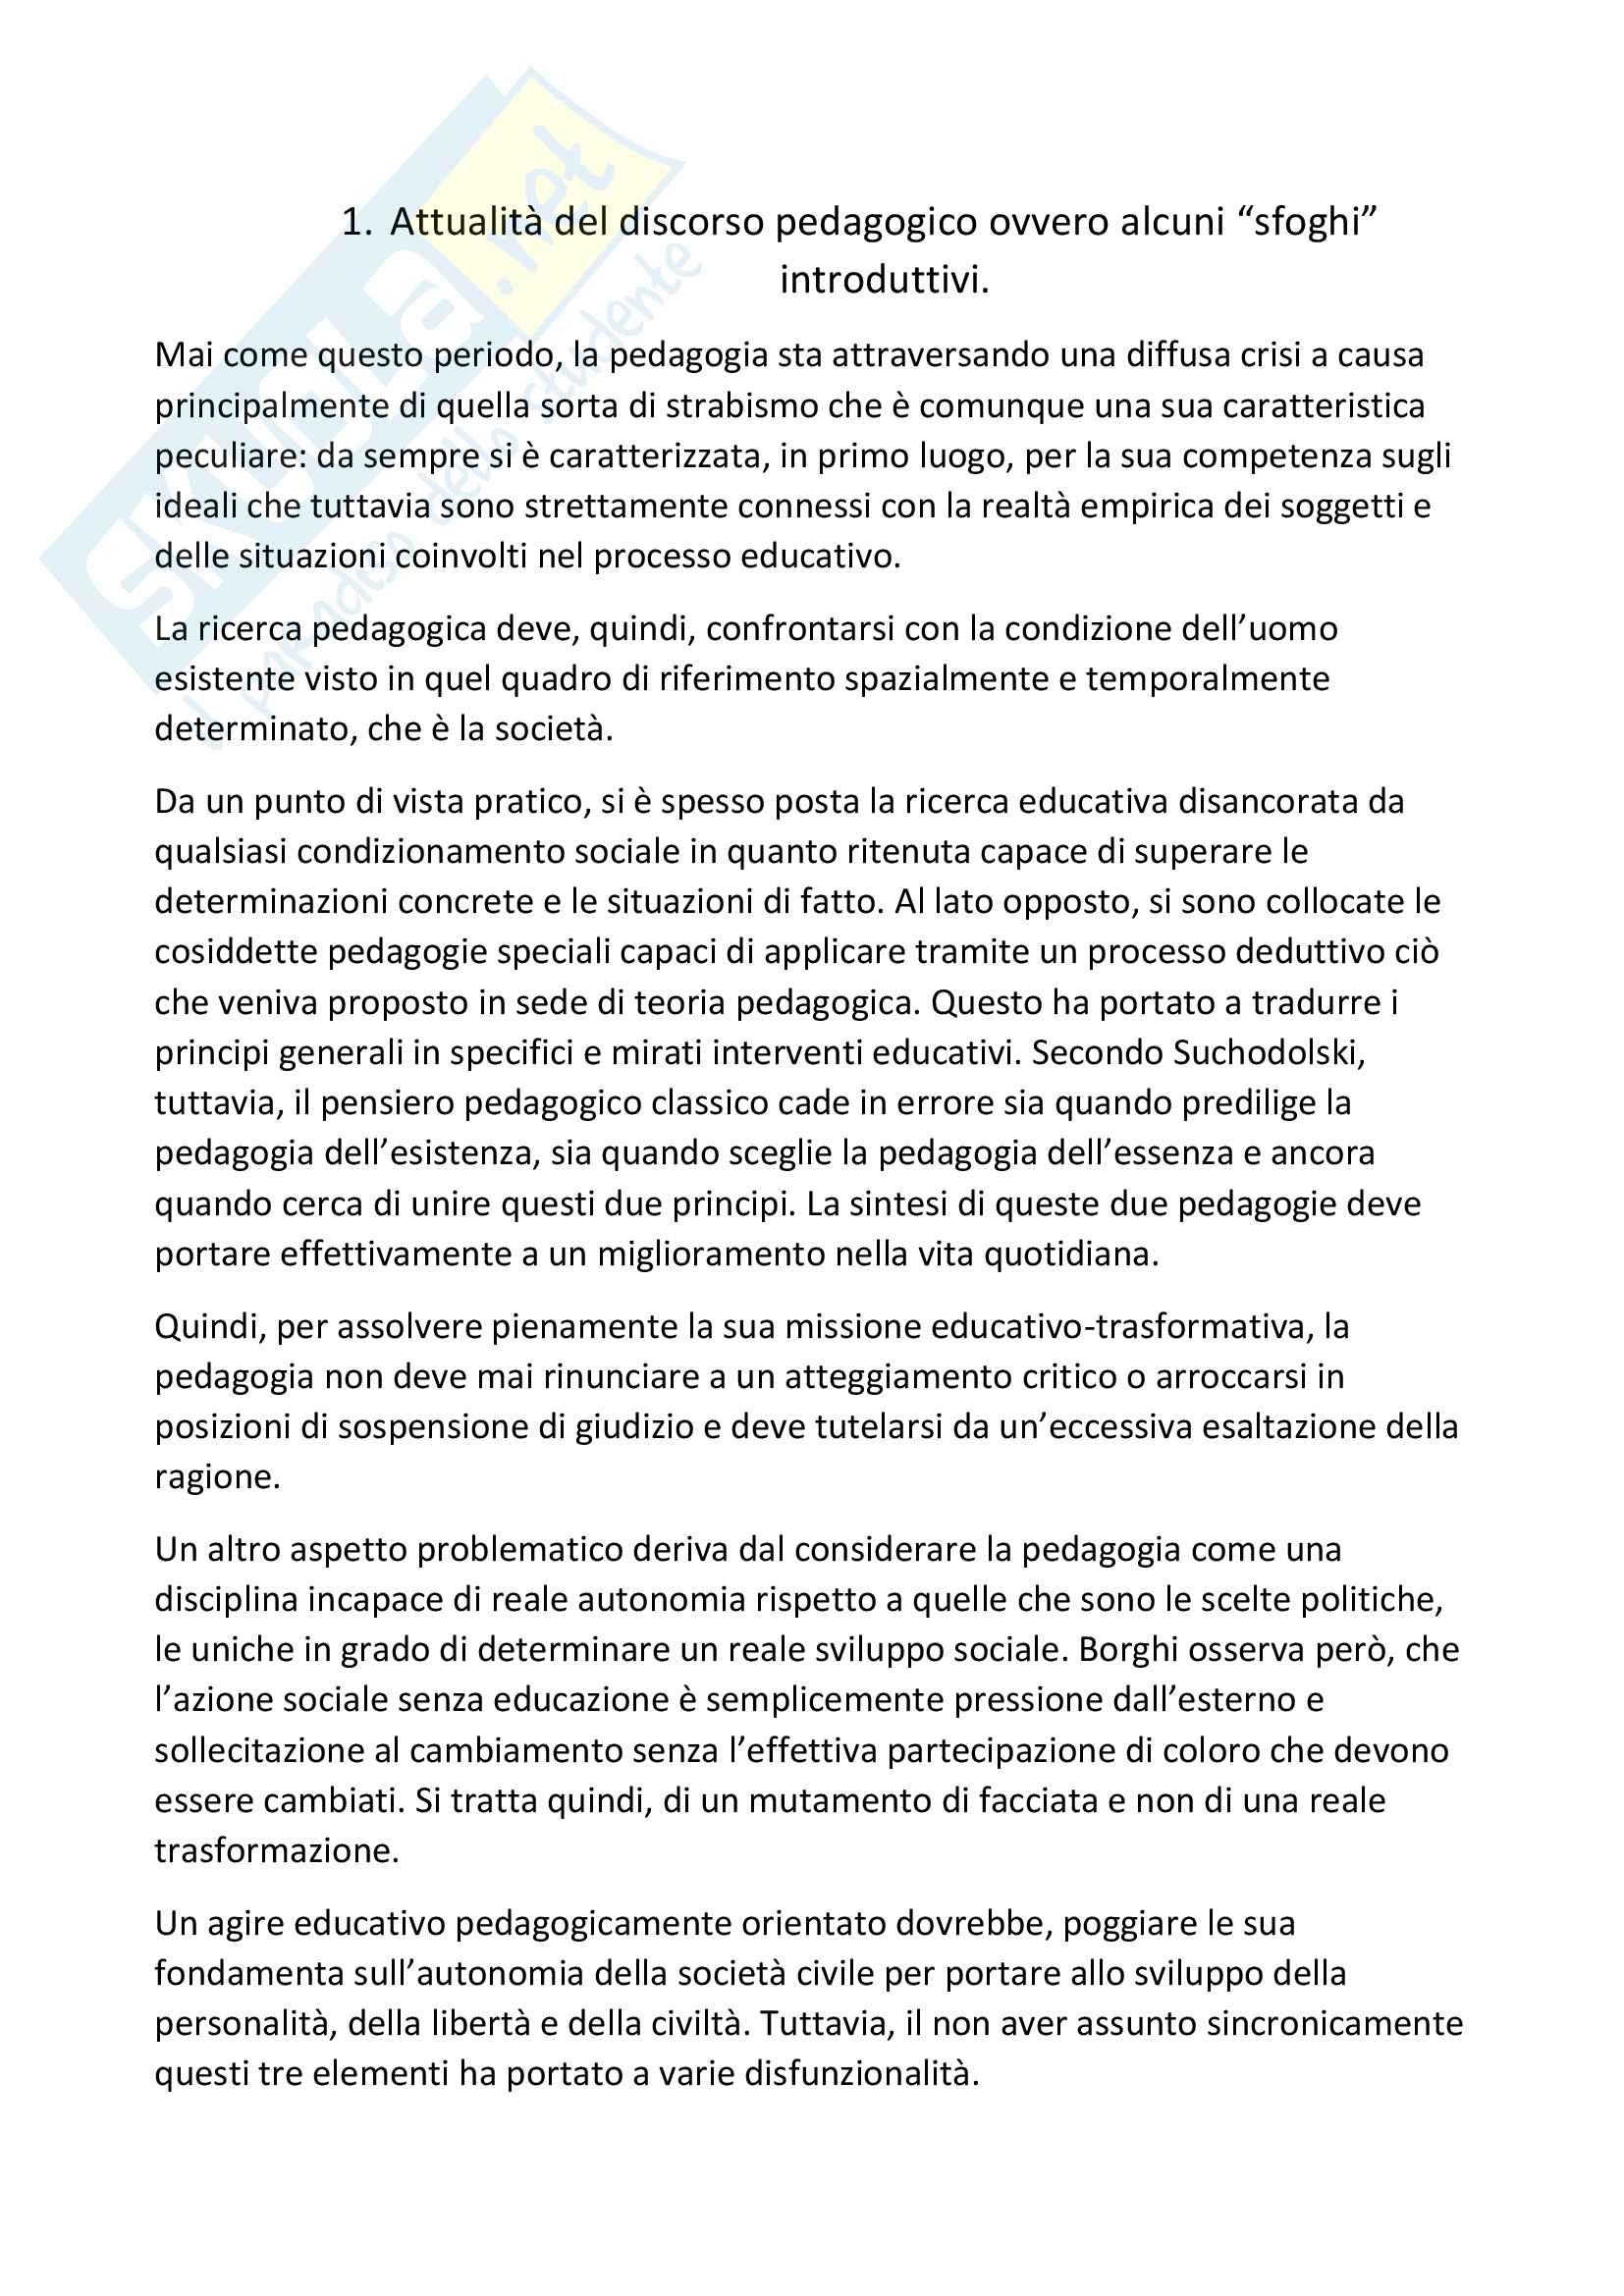 """Riassunto esame pedagogia generale, prof. A.Michelin, libro consigliato """"Snodi e riflessioni di pedagogia"""", Autore """"Michelin-Salomon"""""""